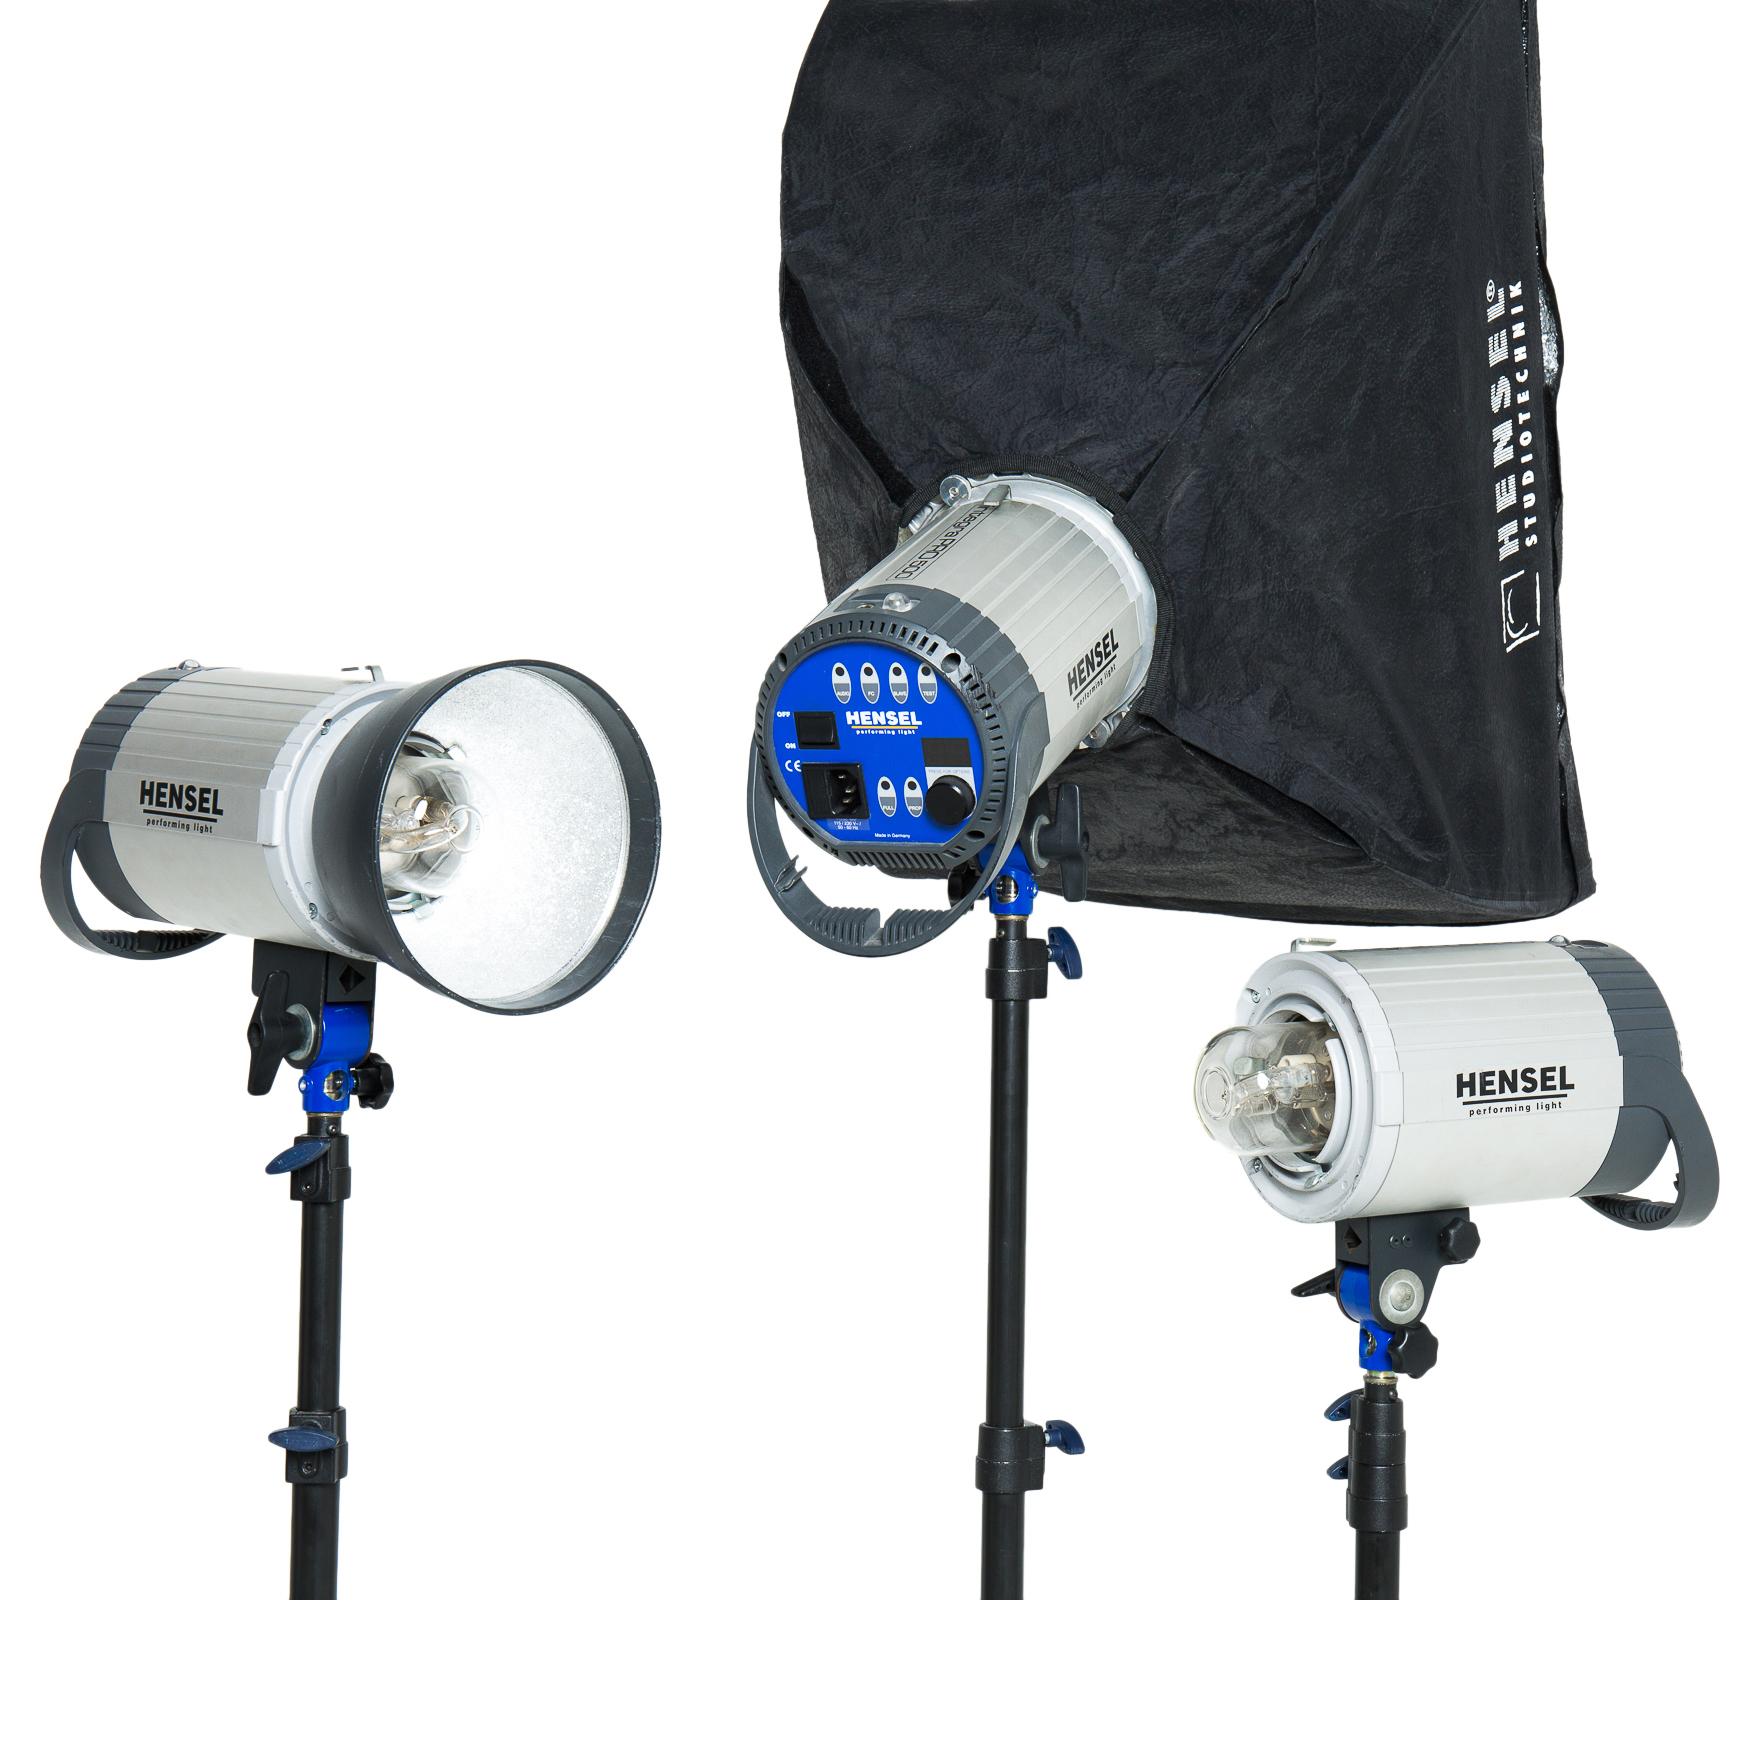 3x Hensel 500watt Monolights